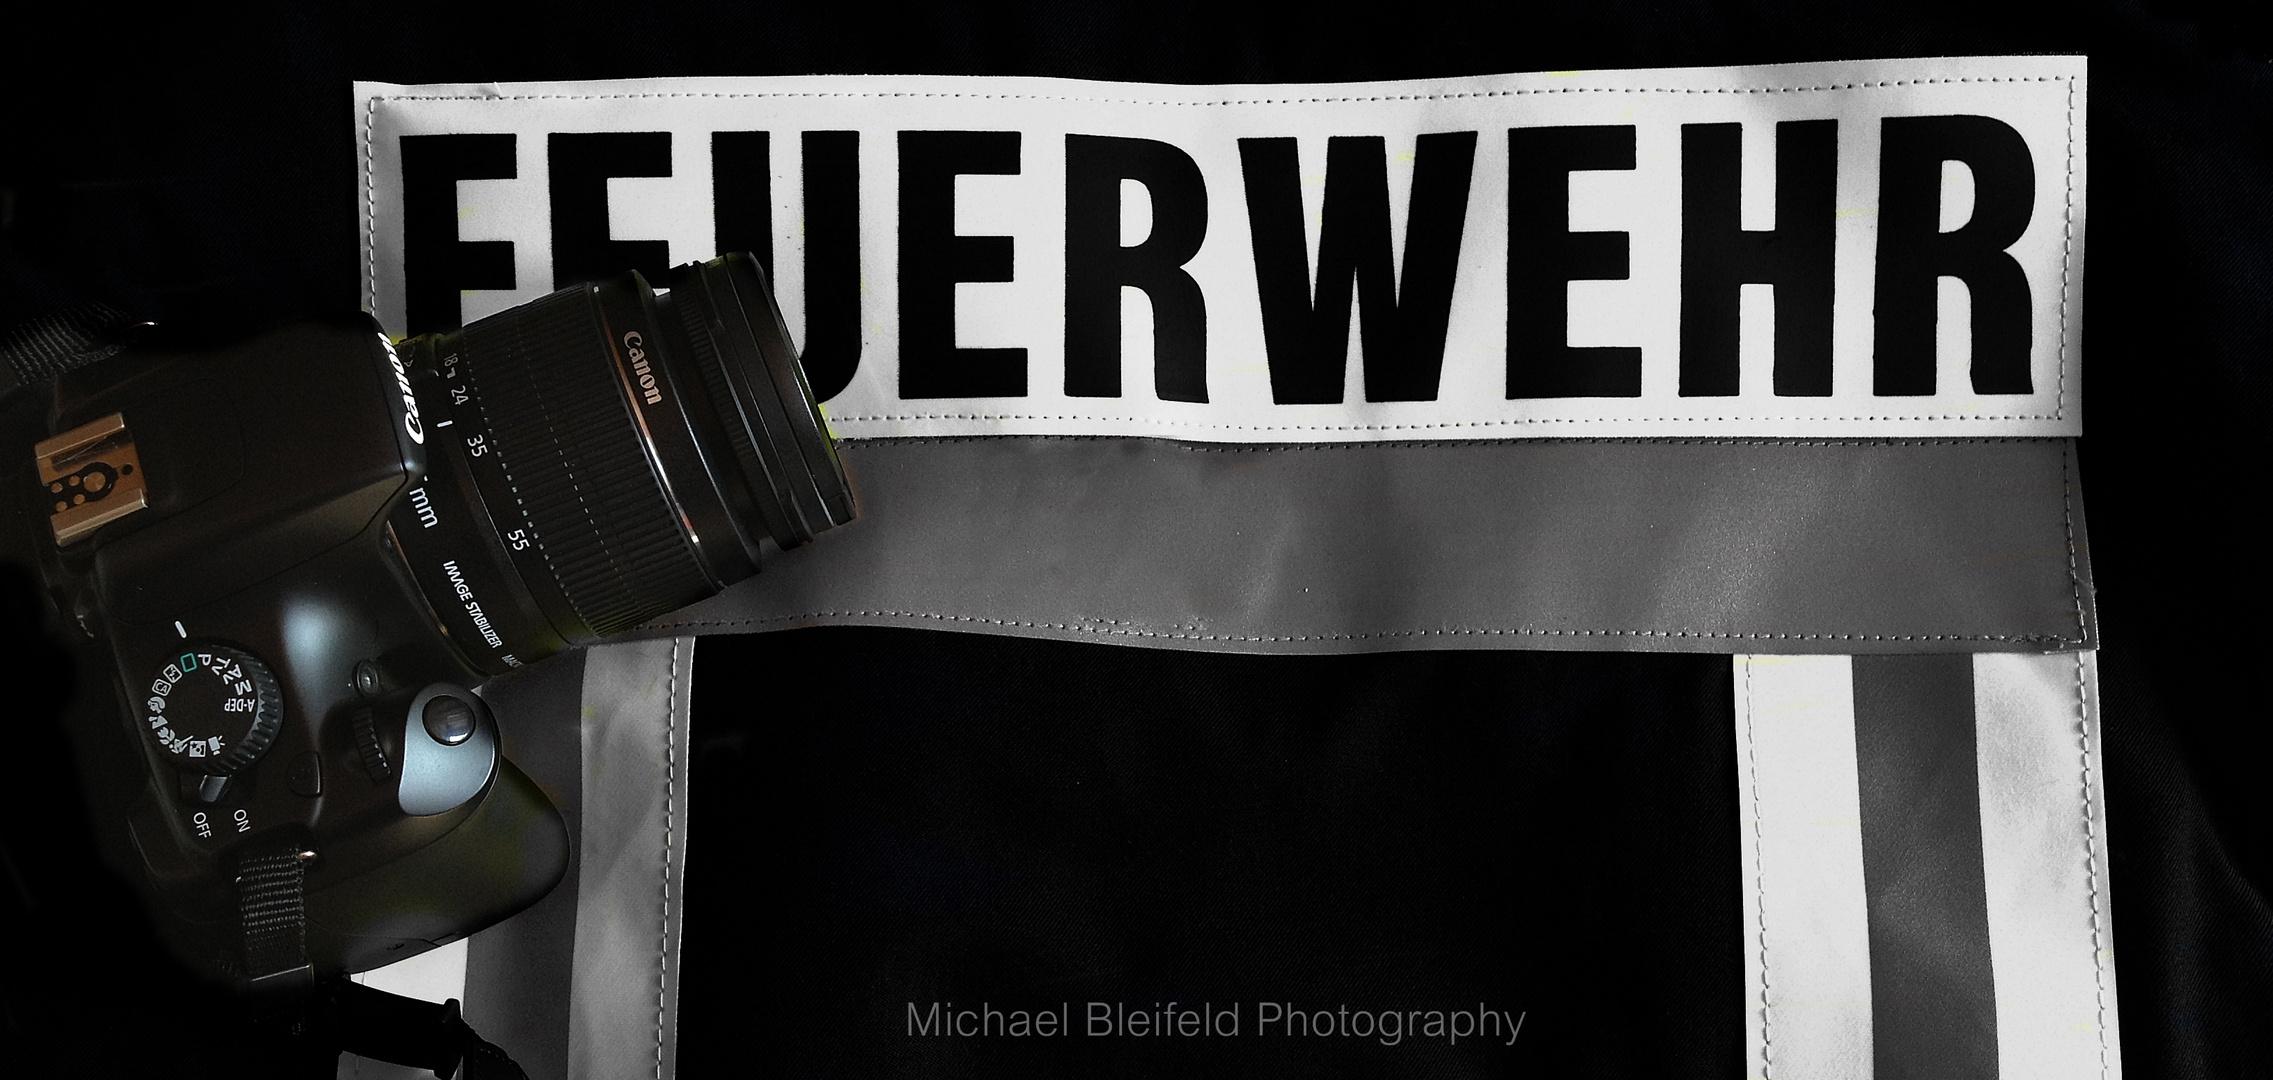 Feuerwehr & Fotografie